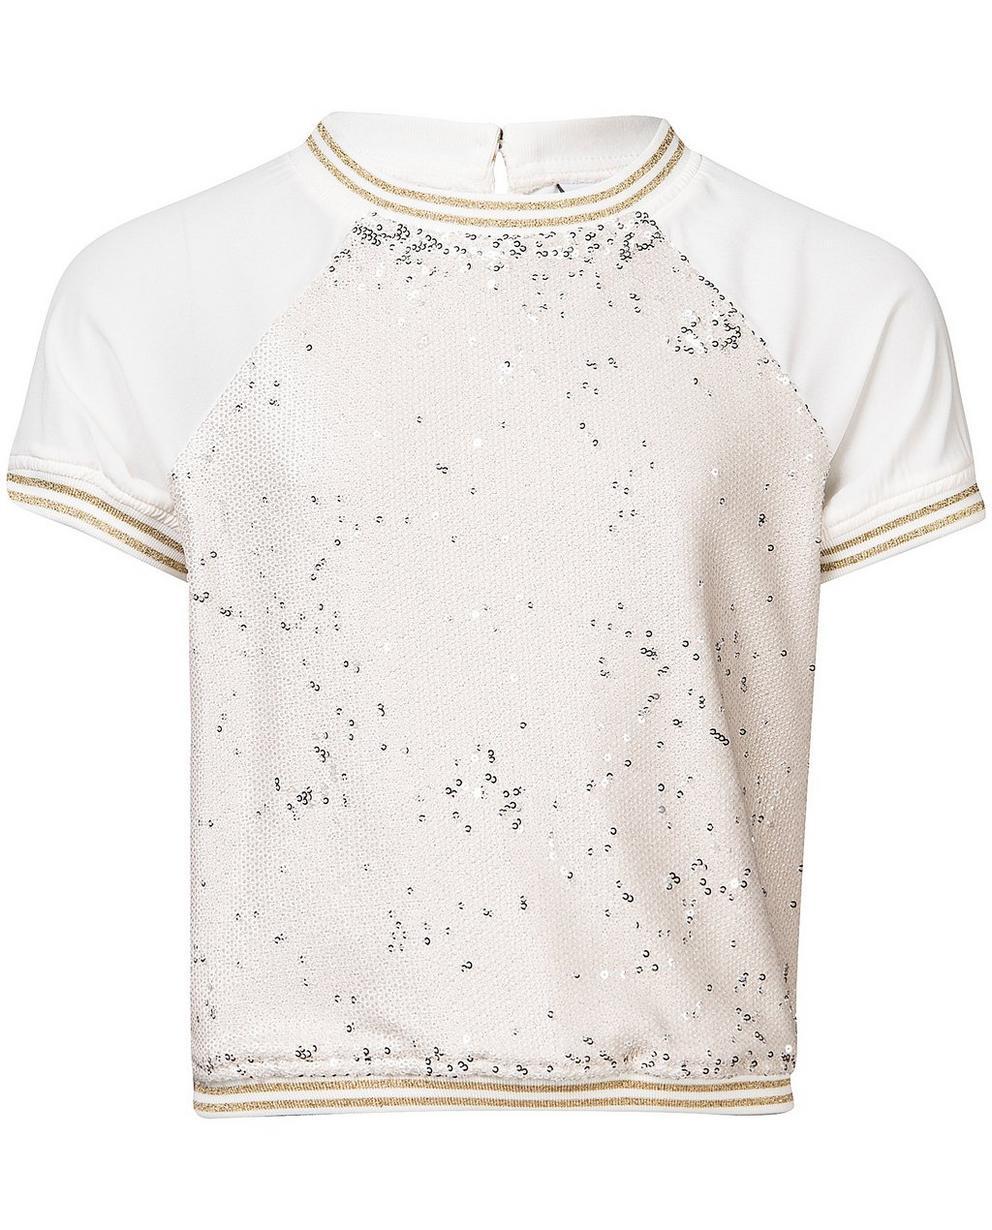 Hemden - Weiss - T-Shirt mit Pailletten